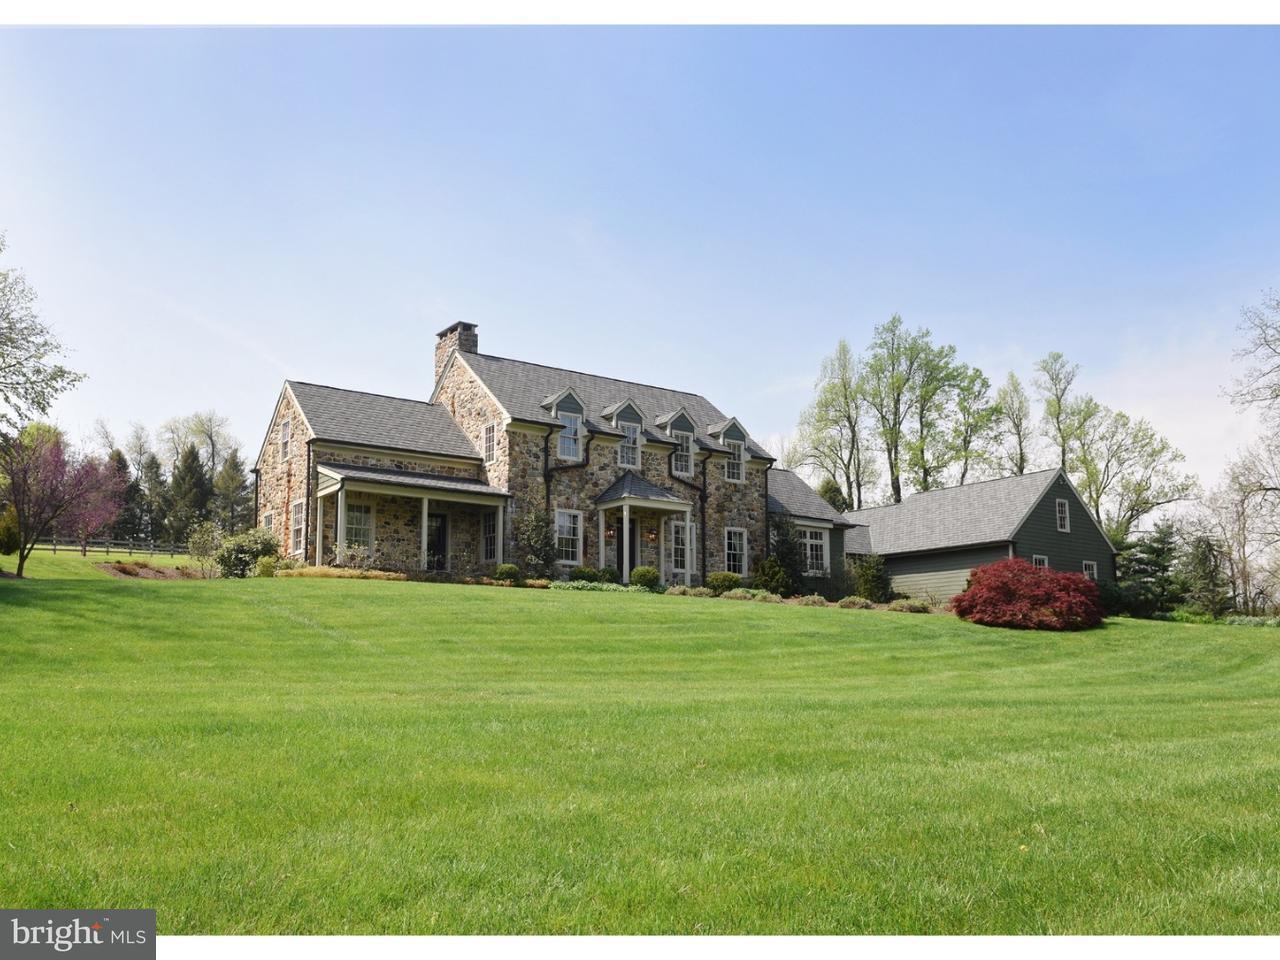 Maison unifamiliale pour l Vente à 3130 HORSESHOE Trail Glenmoore, Pennsylvanie 19343 États-Unis